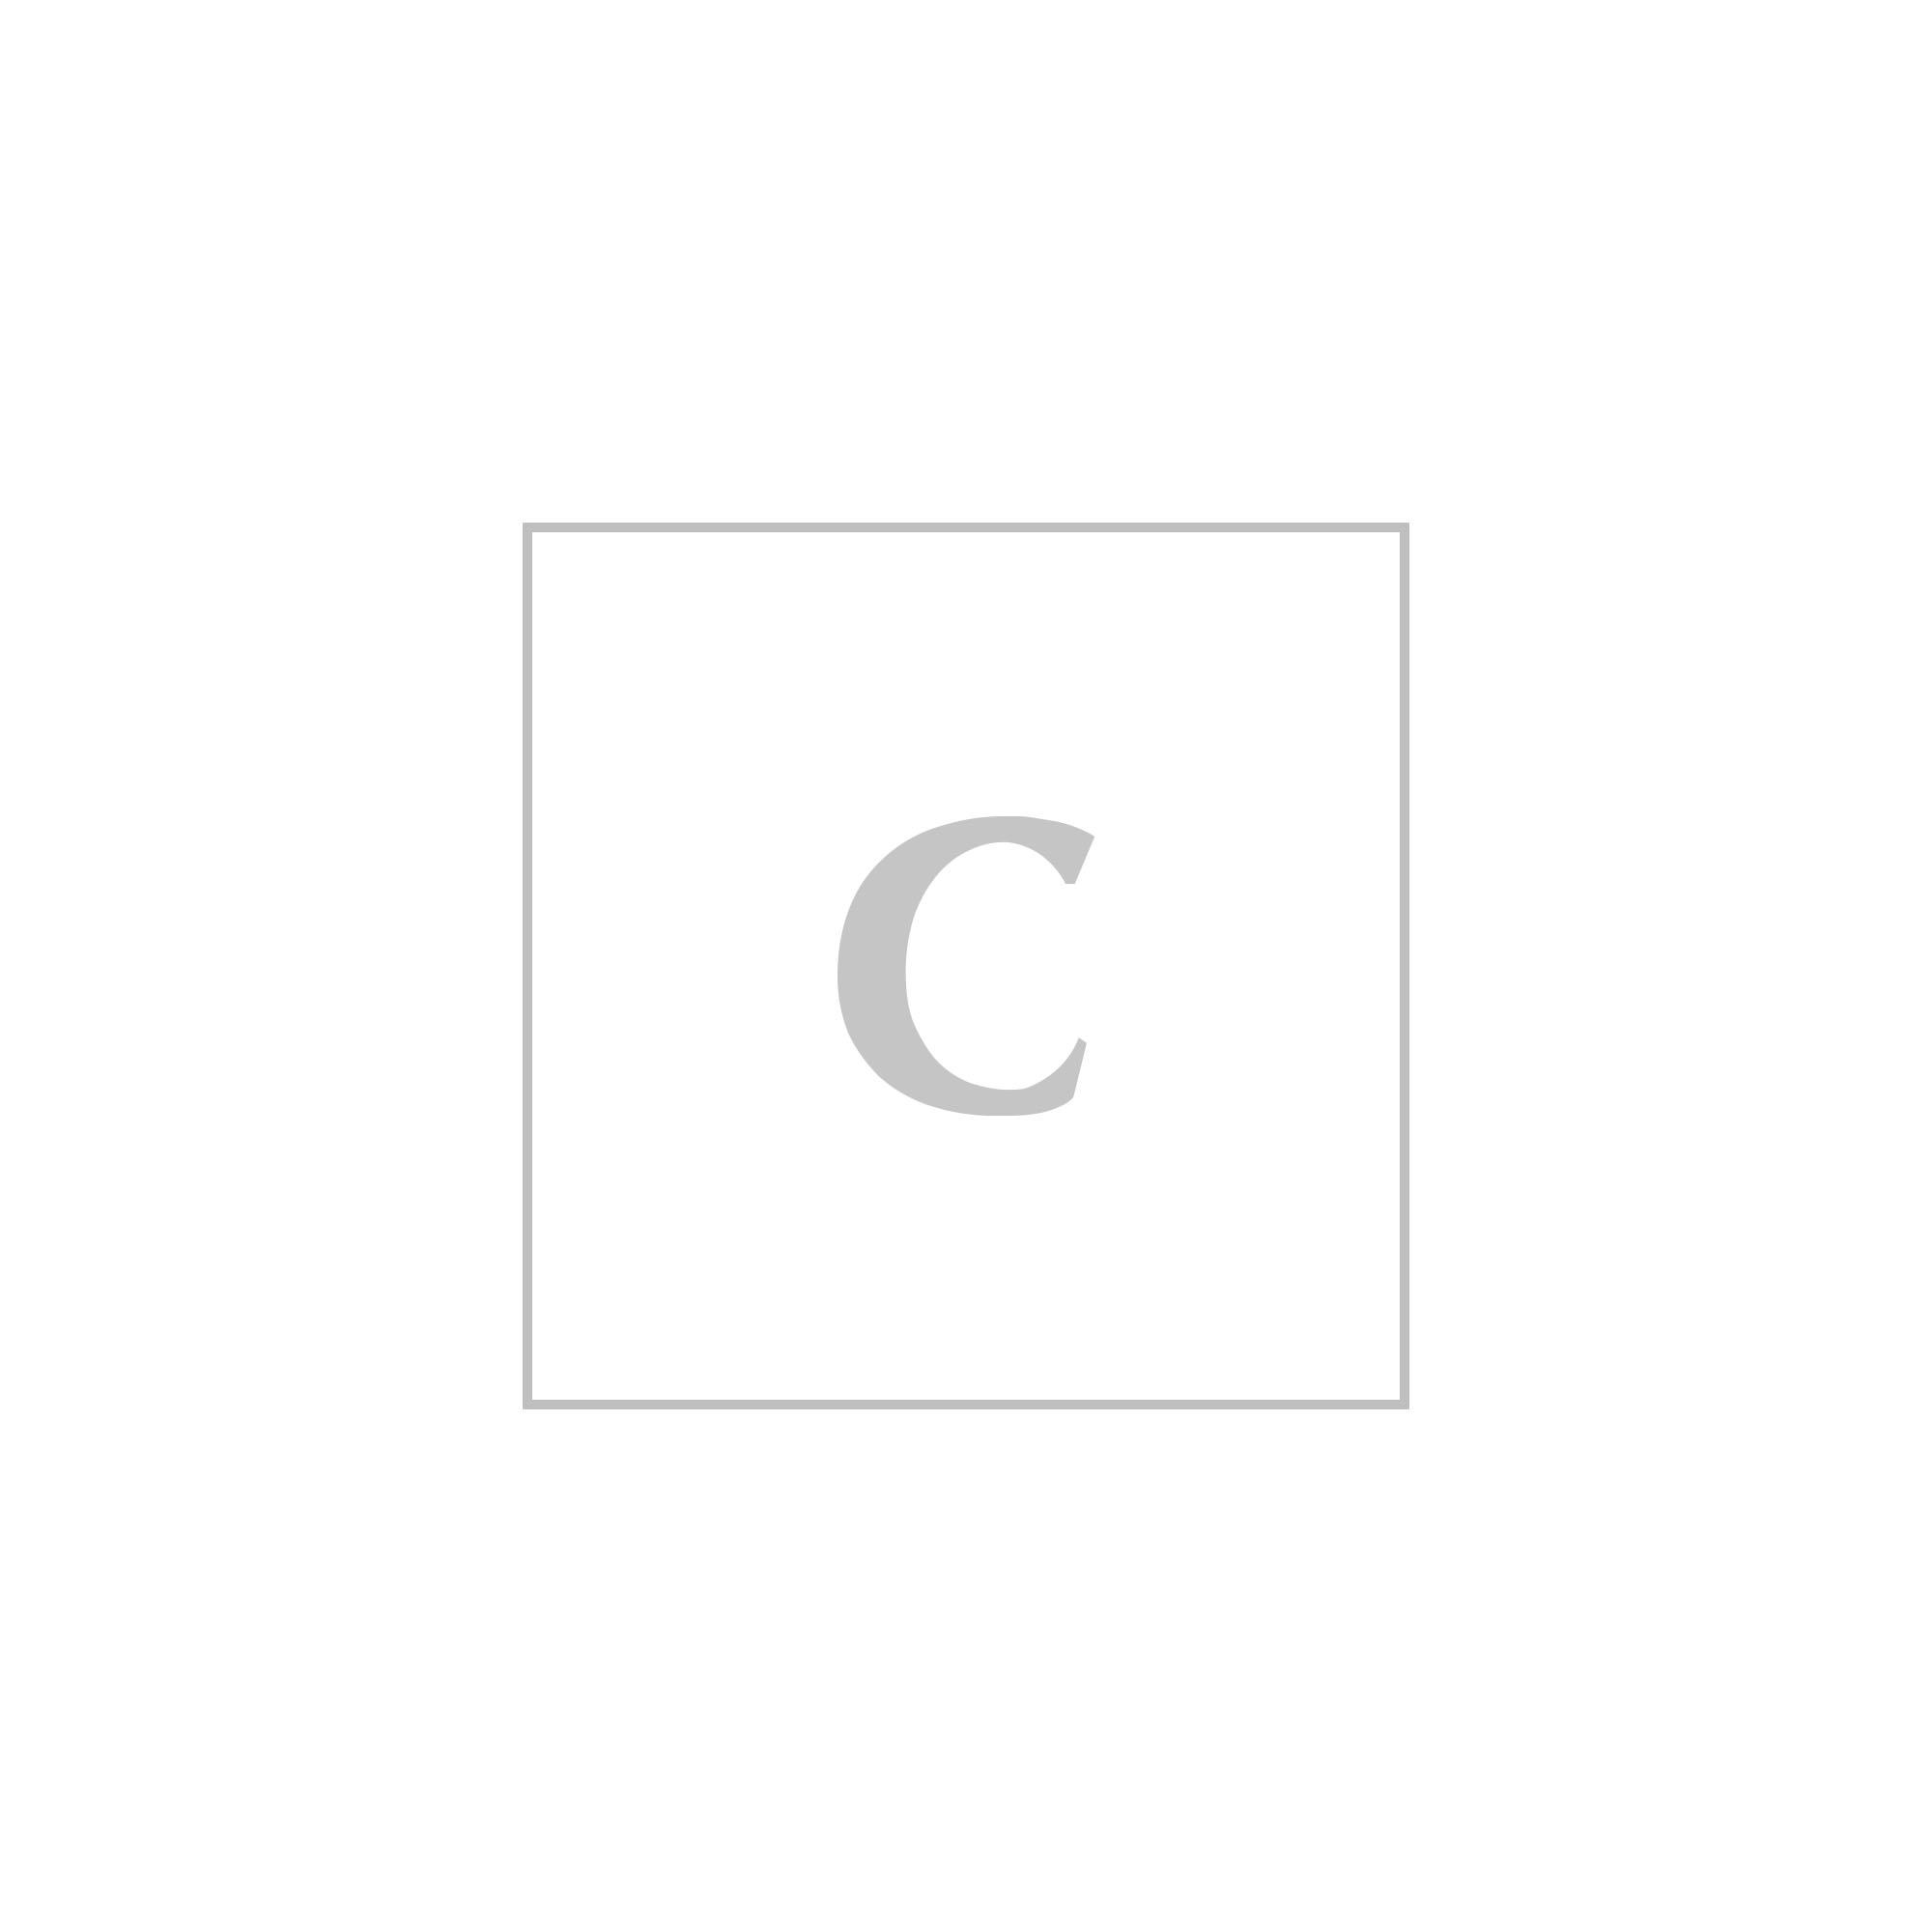 jimmy choo accessori donna portafoglio placca logo